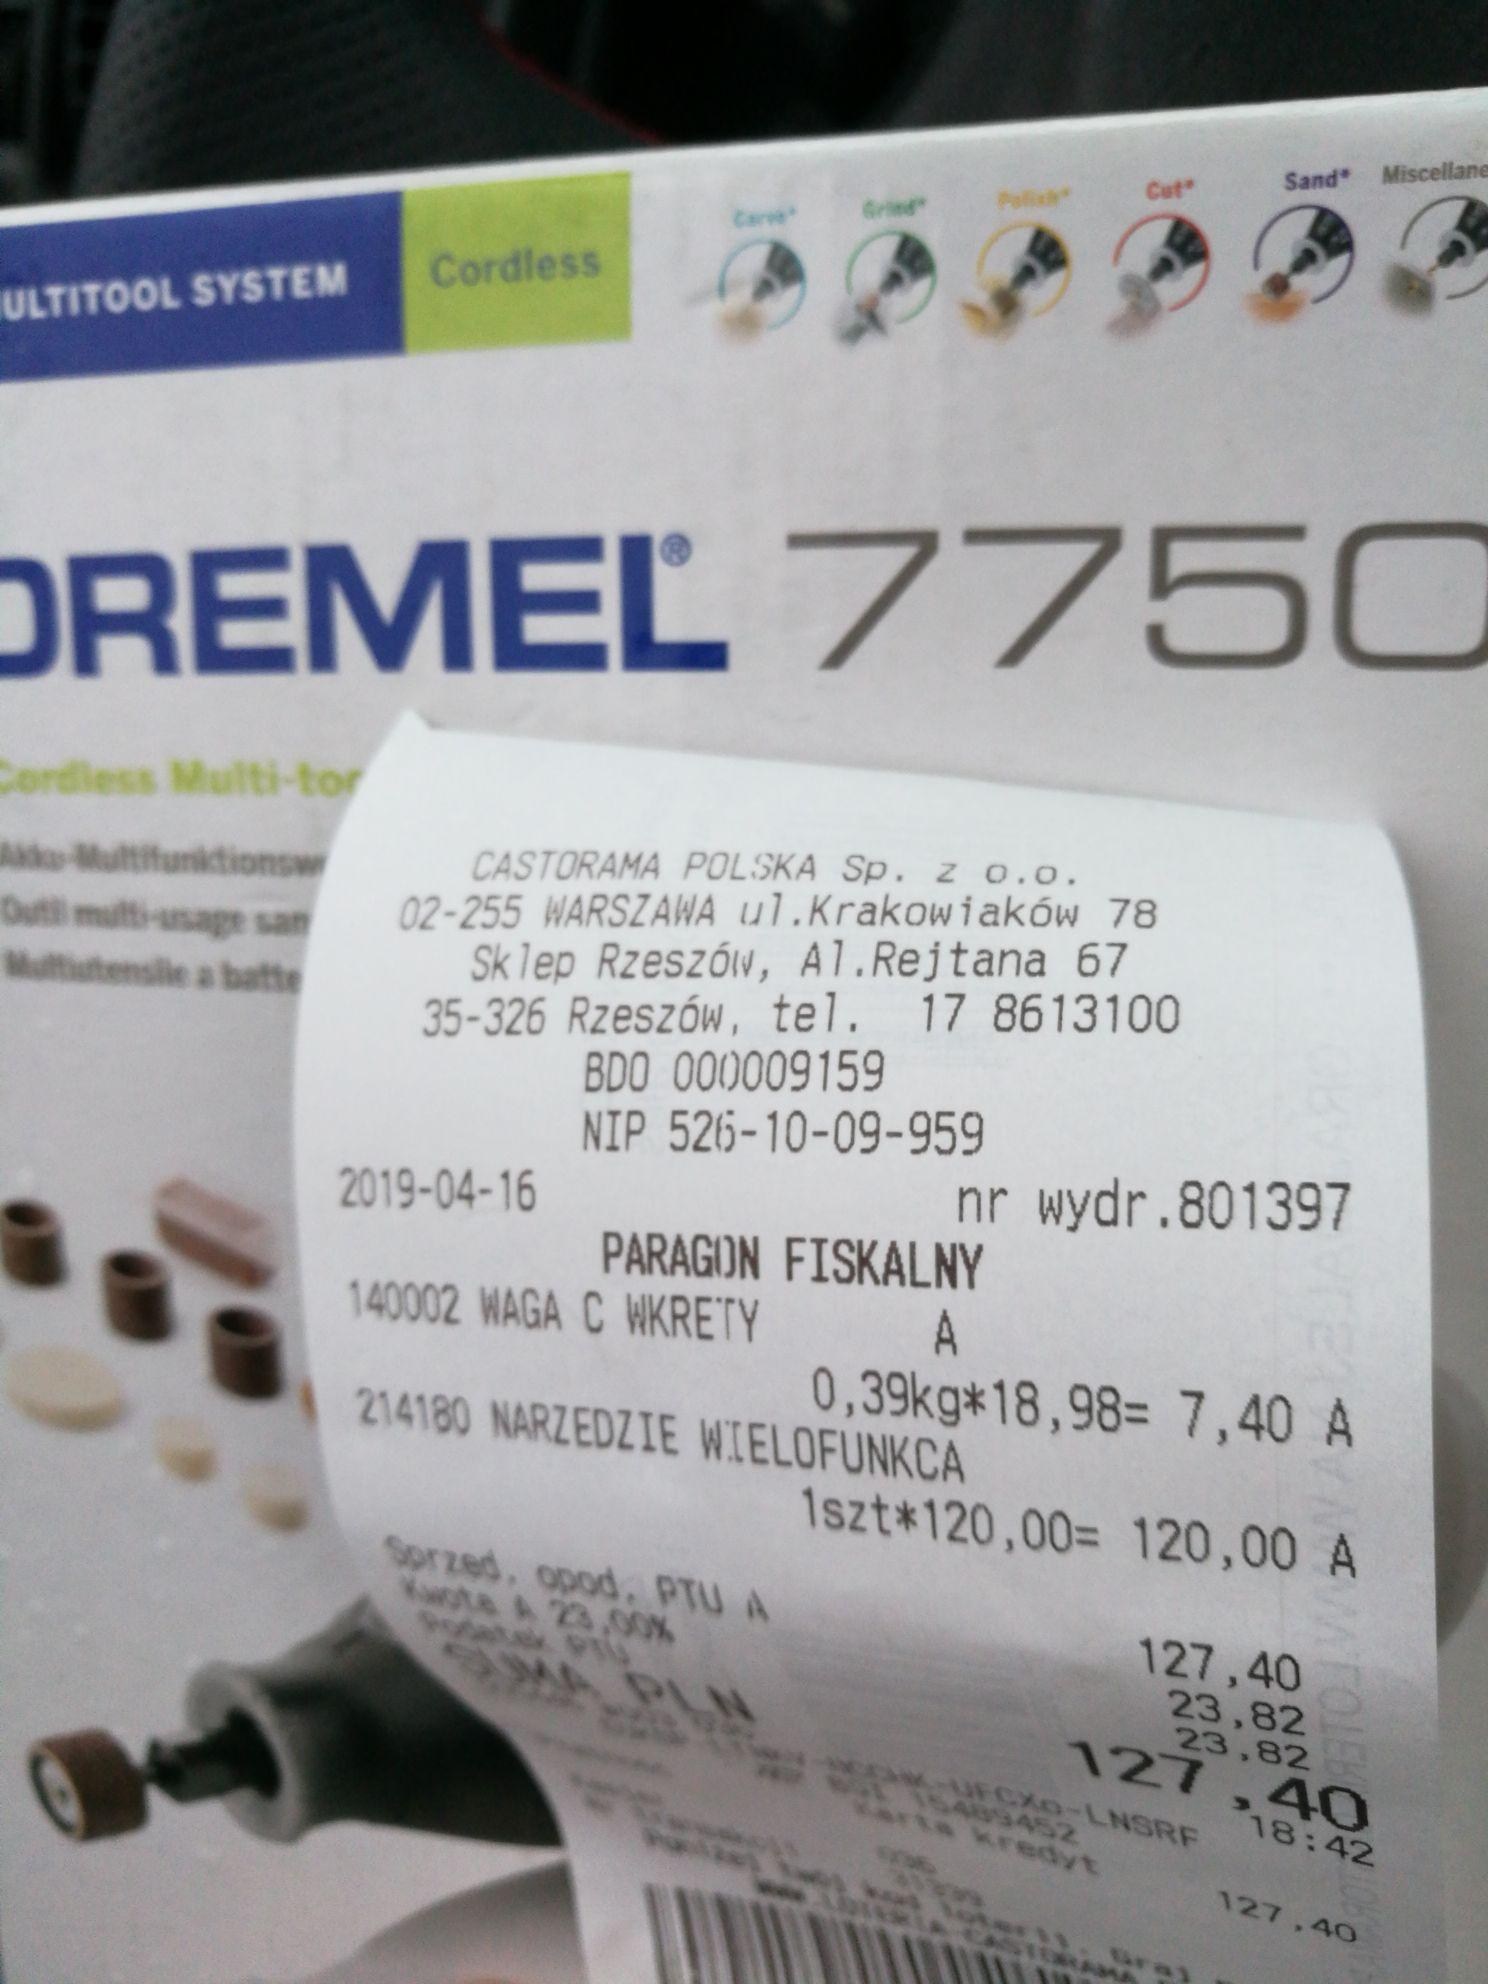 Dremel 7750 Castorama Rzeszów